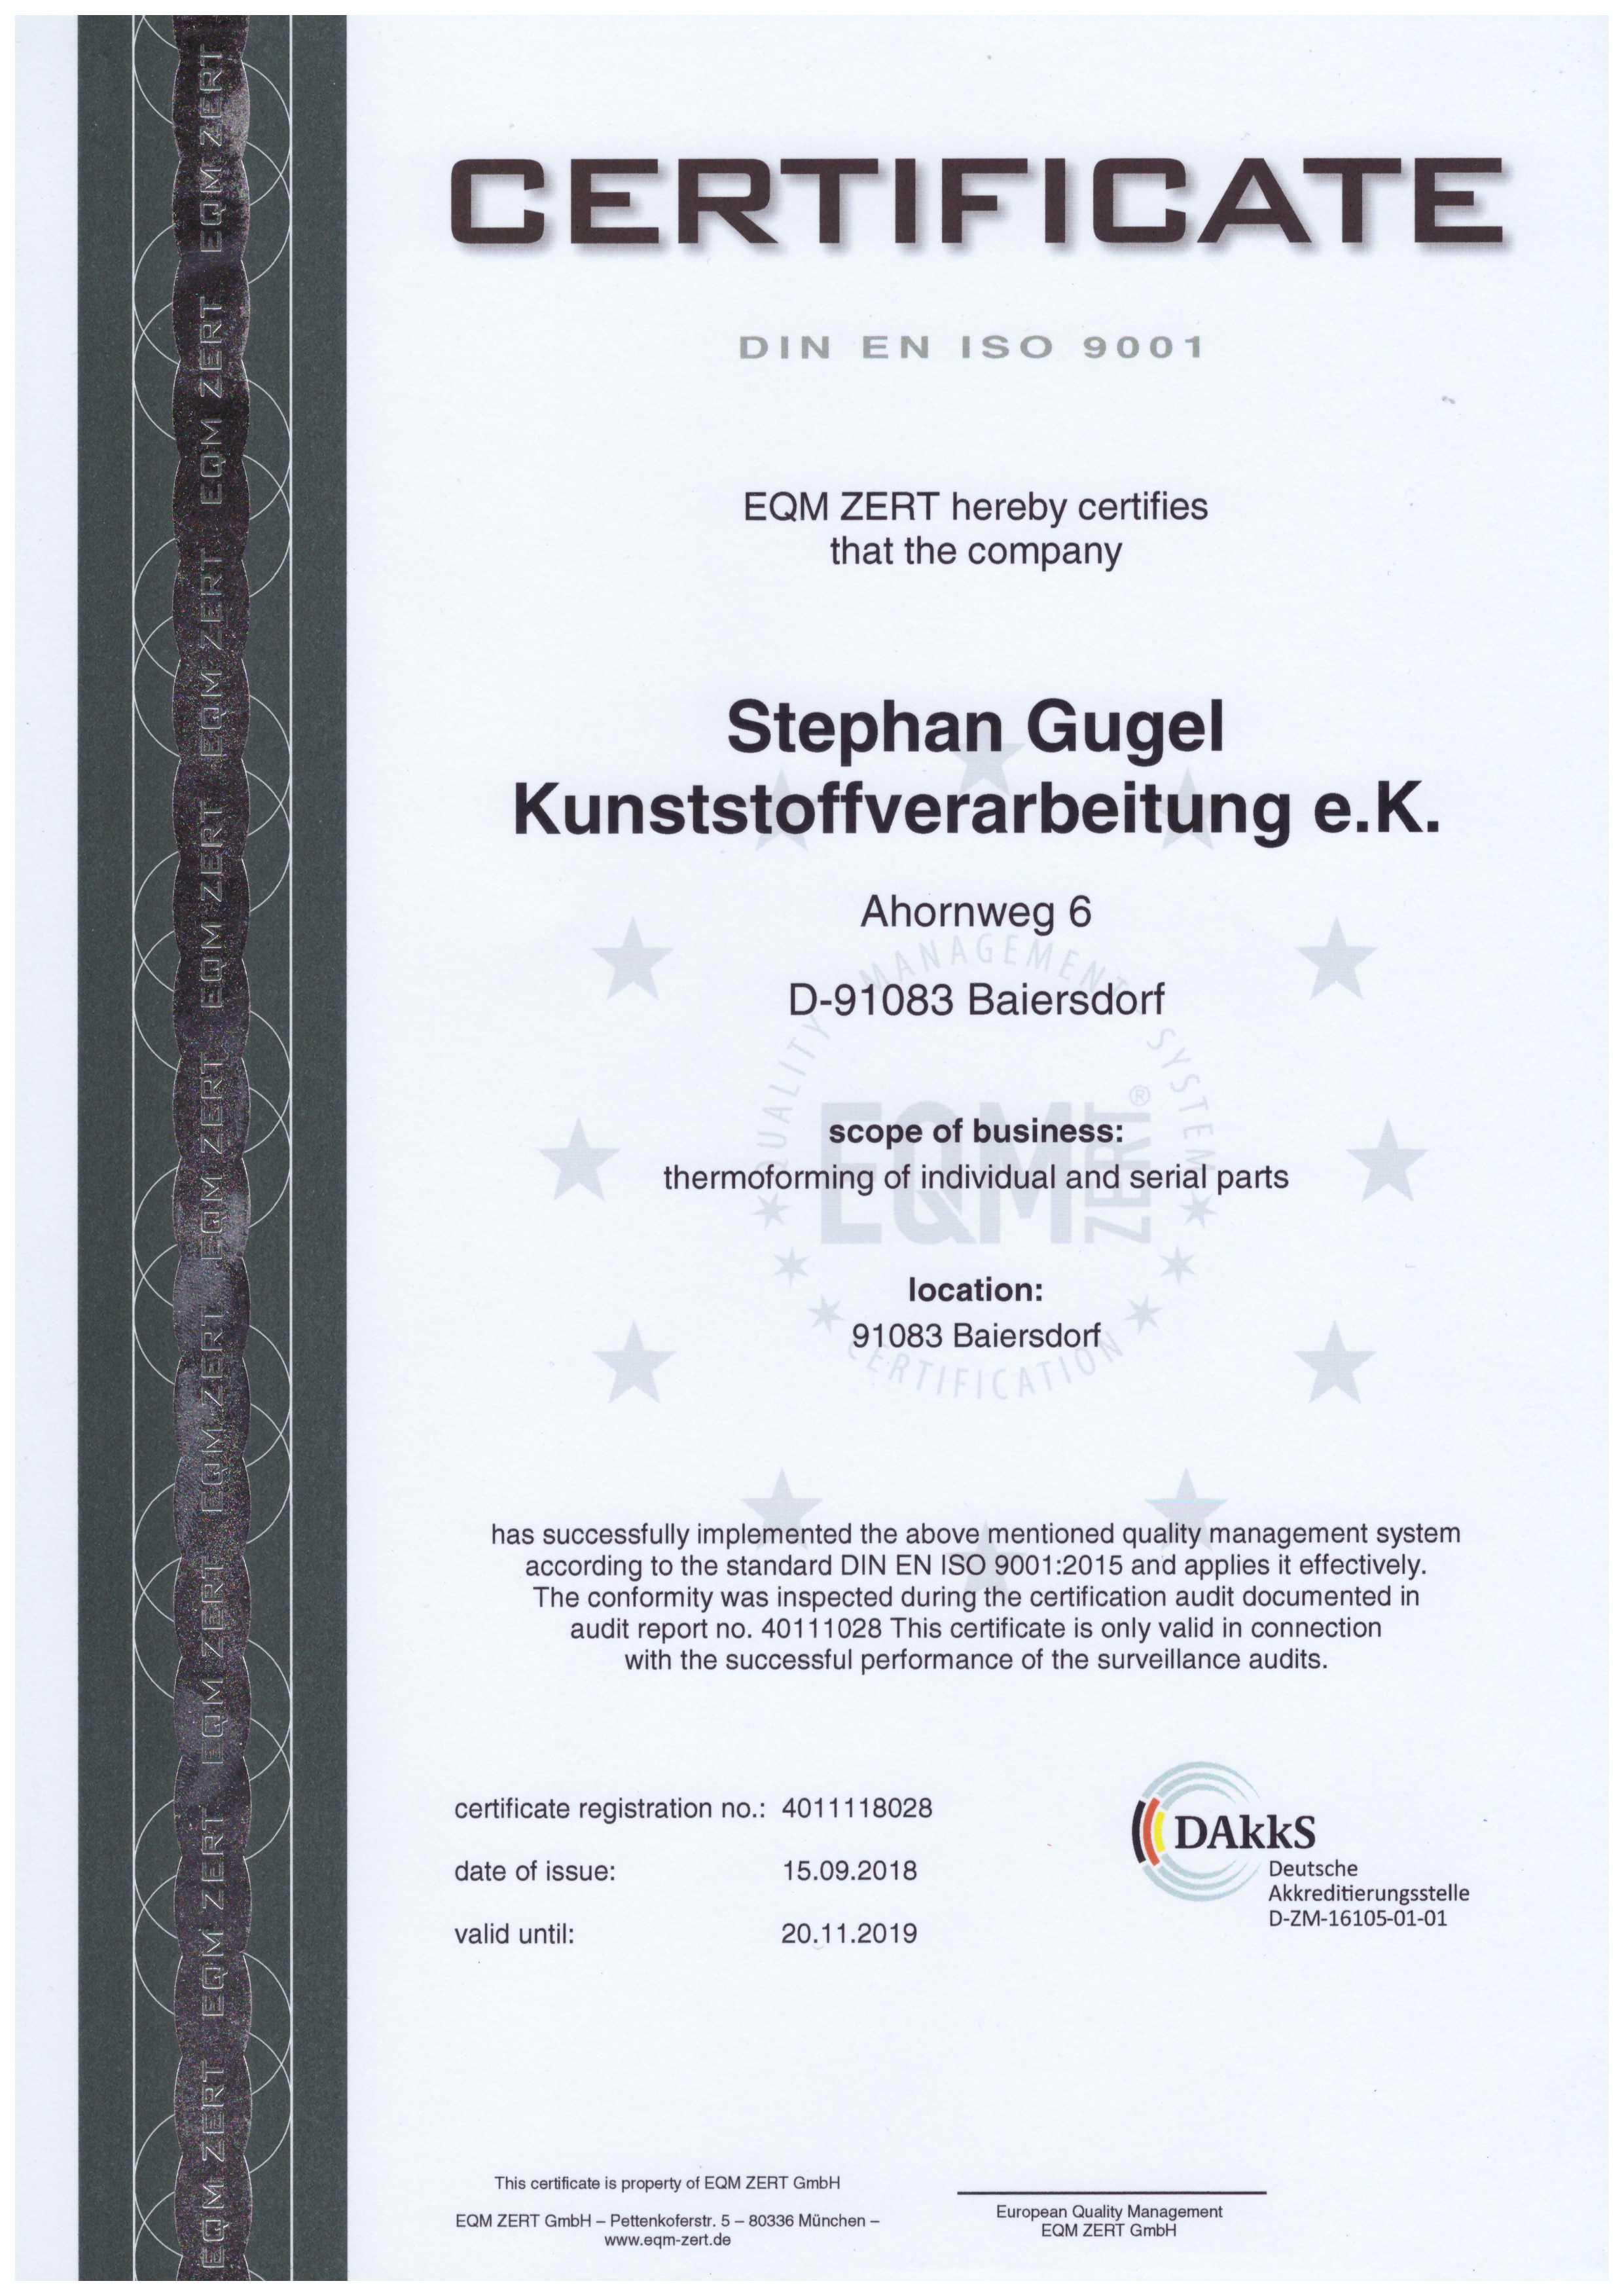 QM Zertifikat Englisch